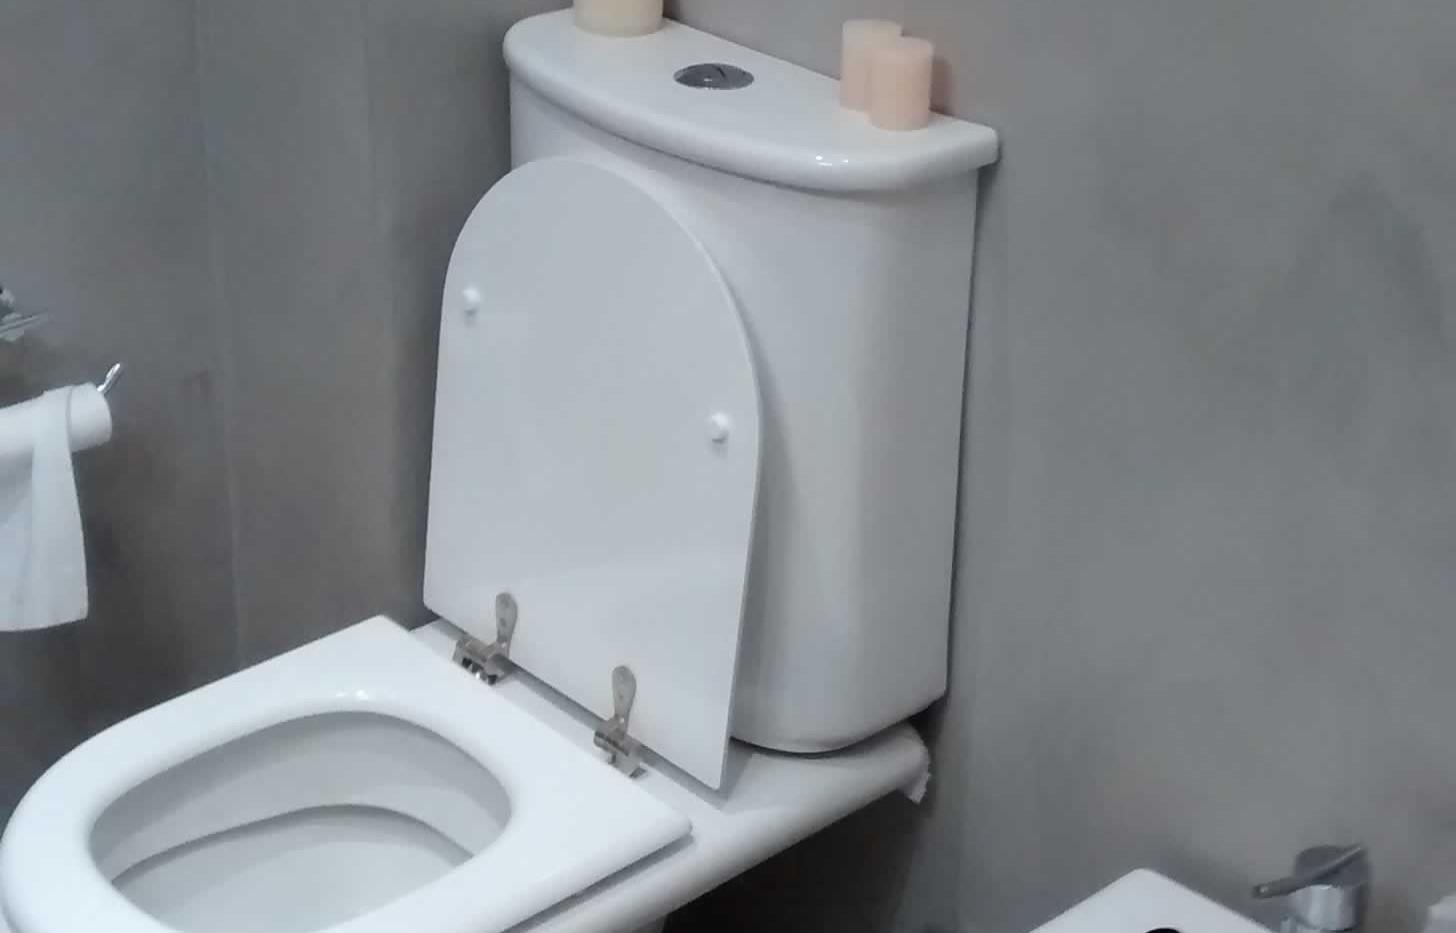 remodelar baño bajo costo